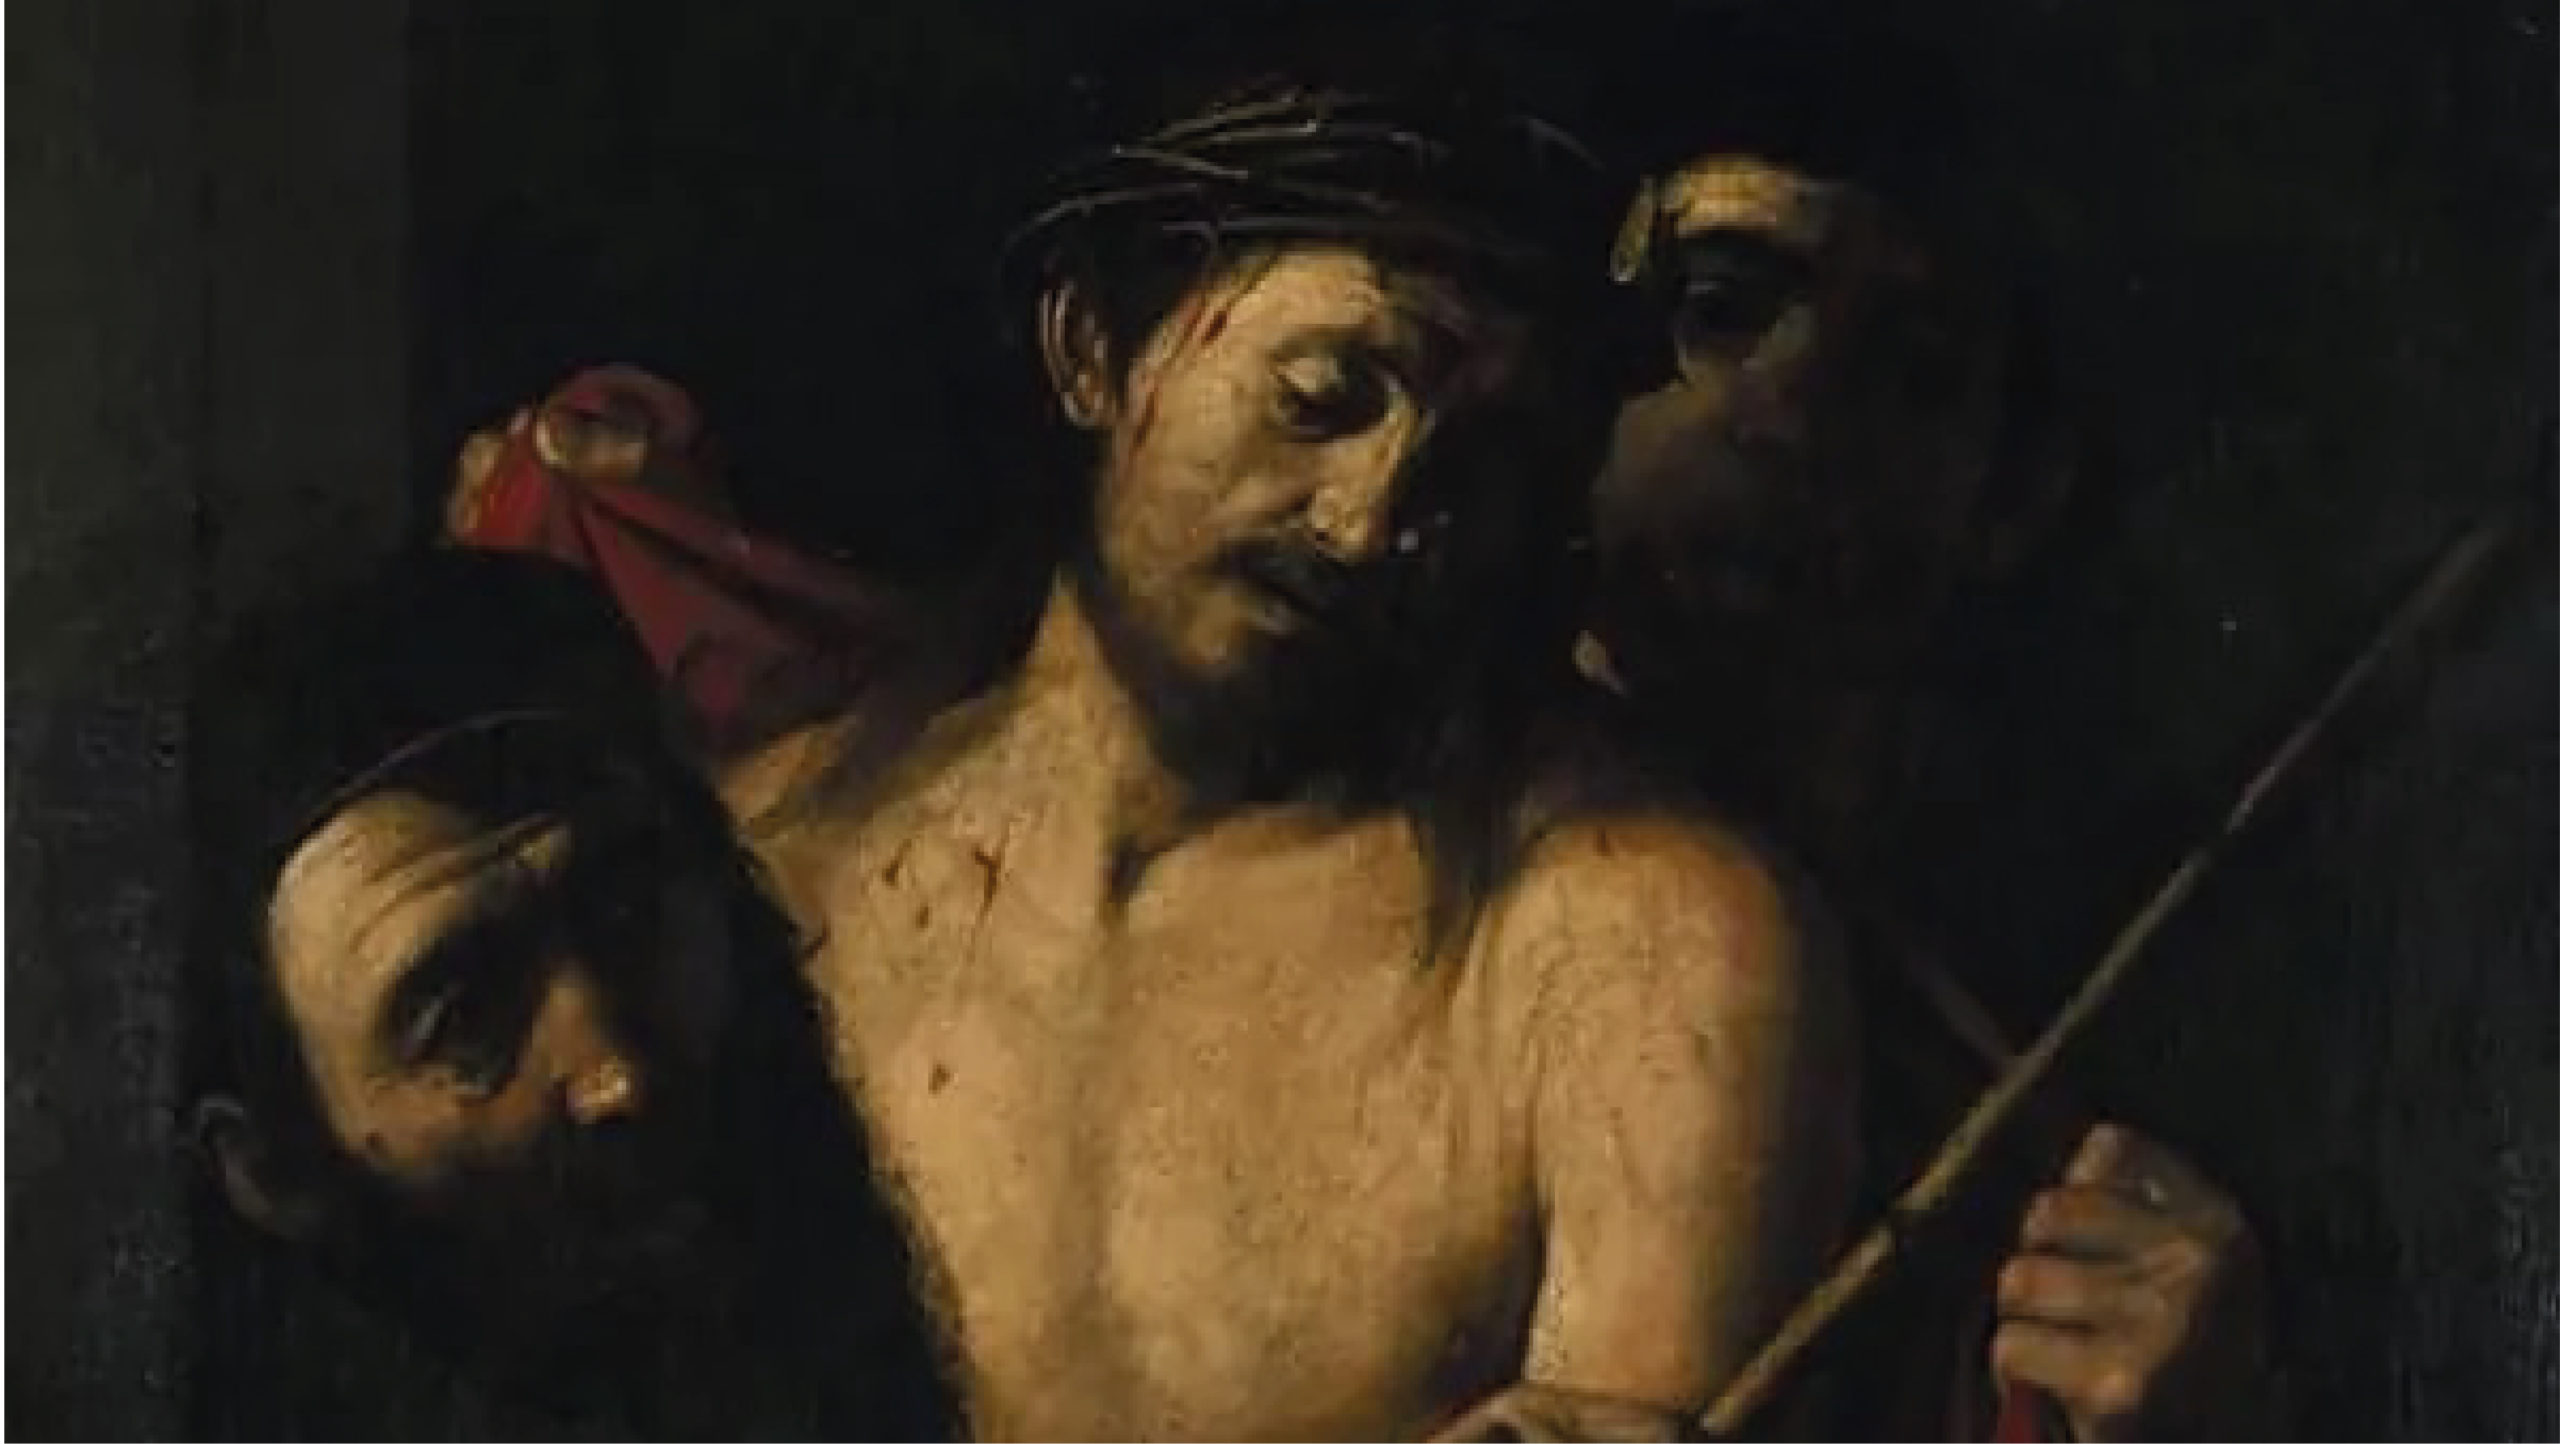 Gobierno español detiene subasta de cuadro que podría ser de Caravaggio